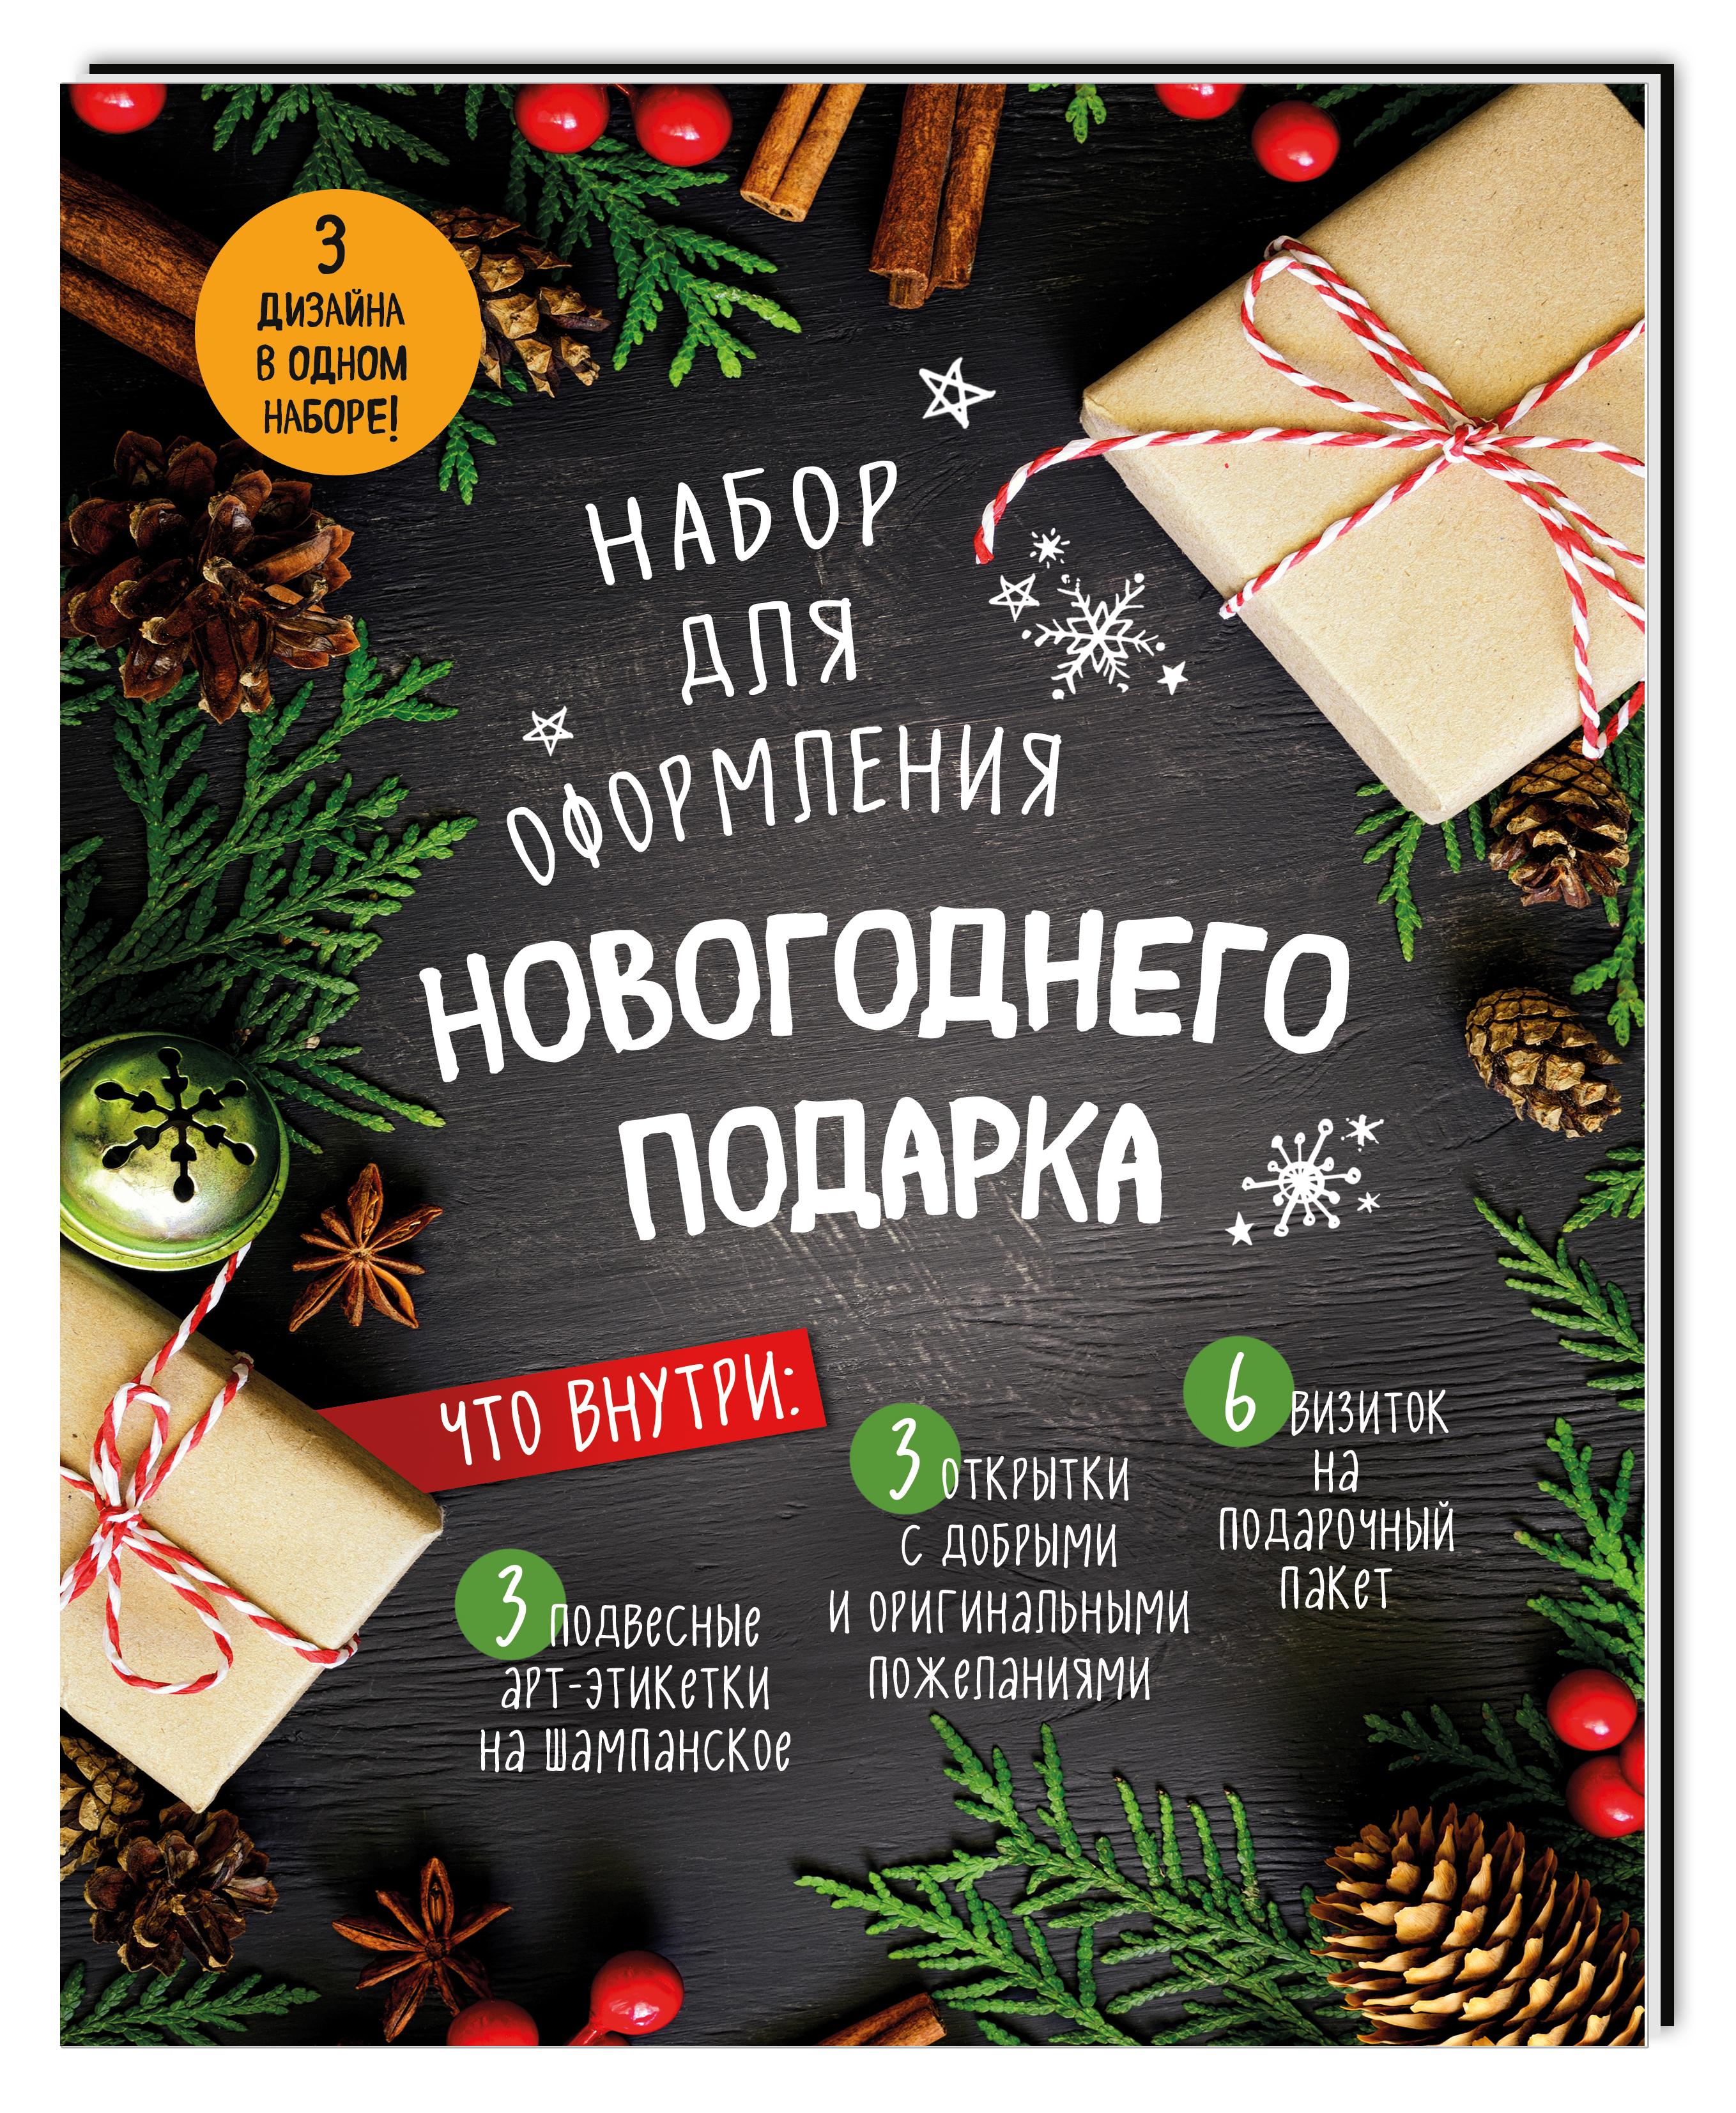 Набор для оформления новогоднего подарка (еловая композиция): подвесные арт-этикетки на шампанское, открытки, визитки на пакет (набор для вырезания) арт дизайн подарочный набор открытка с ручкой самой фееричной тебе